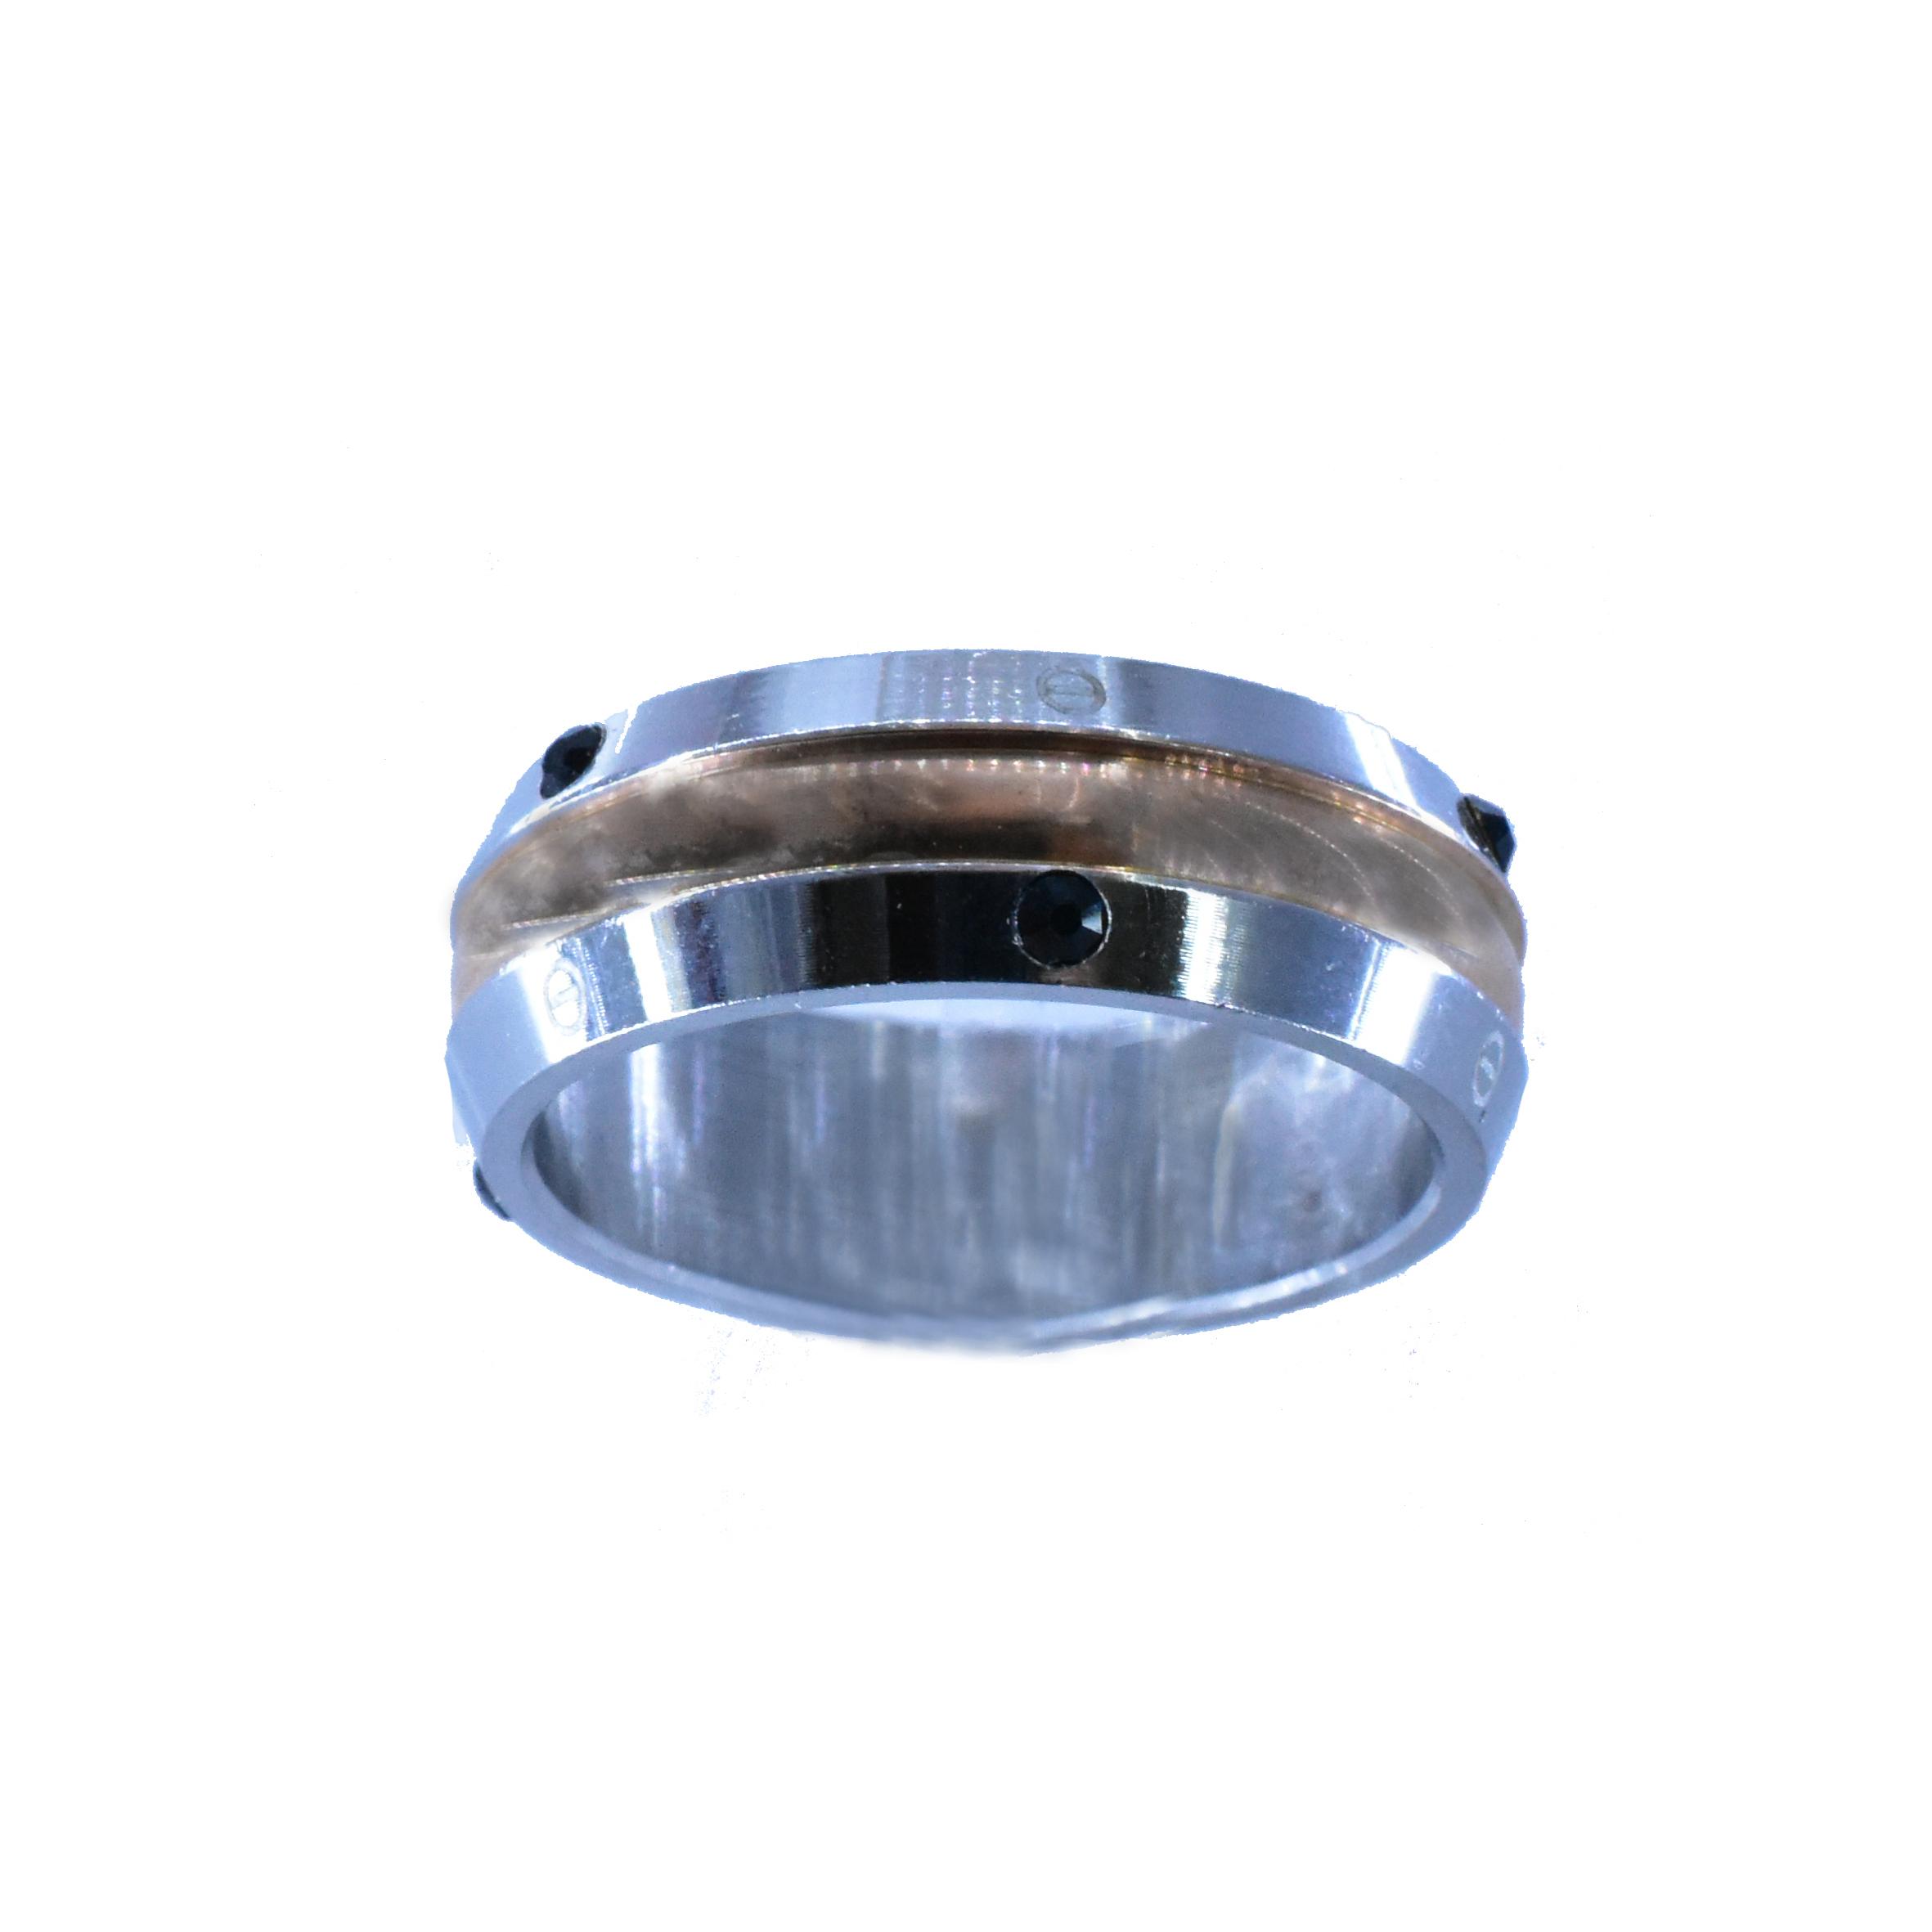 Δαχτυλίδι Ατσάλινο Λευκό Με Μαύρα Ζιργκόν ΔΟ55010 853804c55a9